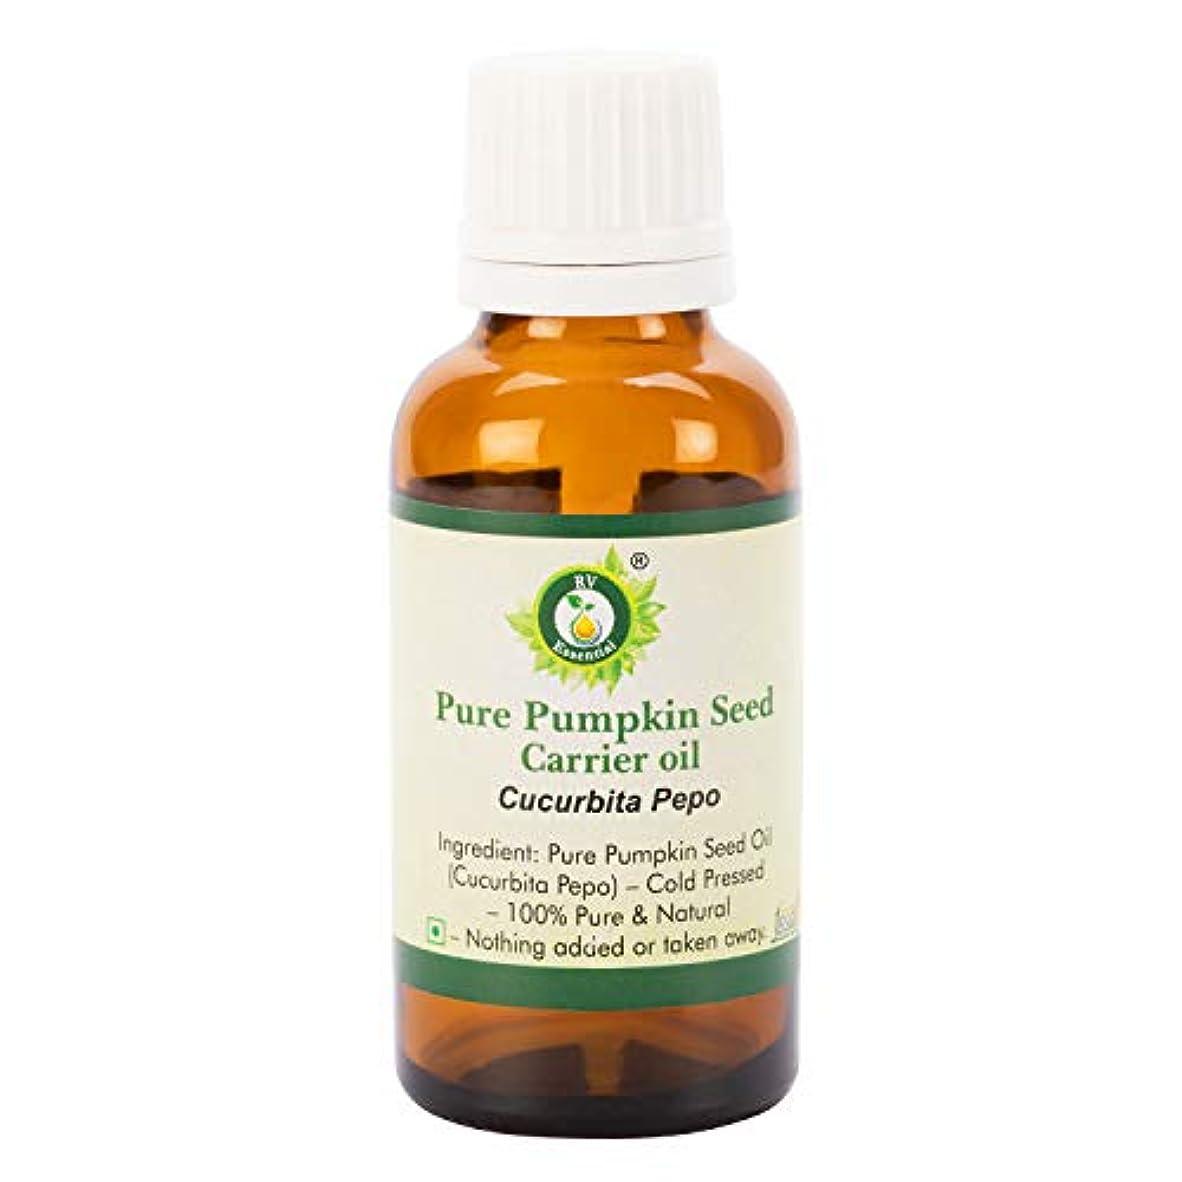 未満愛国的な水差しピュアパンプキンシードオイルキャリア300ml (10oz)- Cucurbita Pepo (100%ピュア&ナチュラルコールドPressed) Pure Pumpkin Seed Carrier Oil